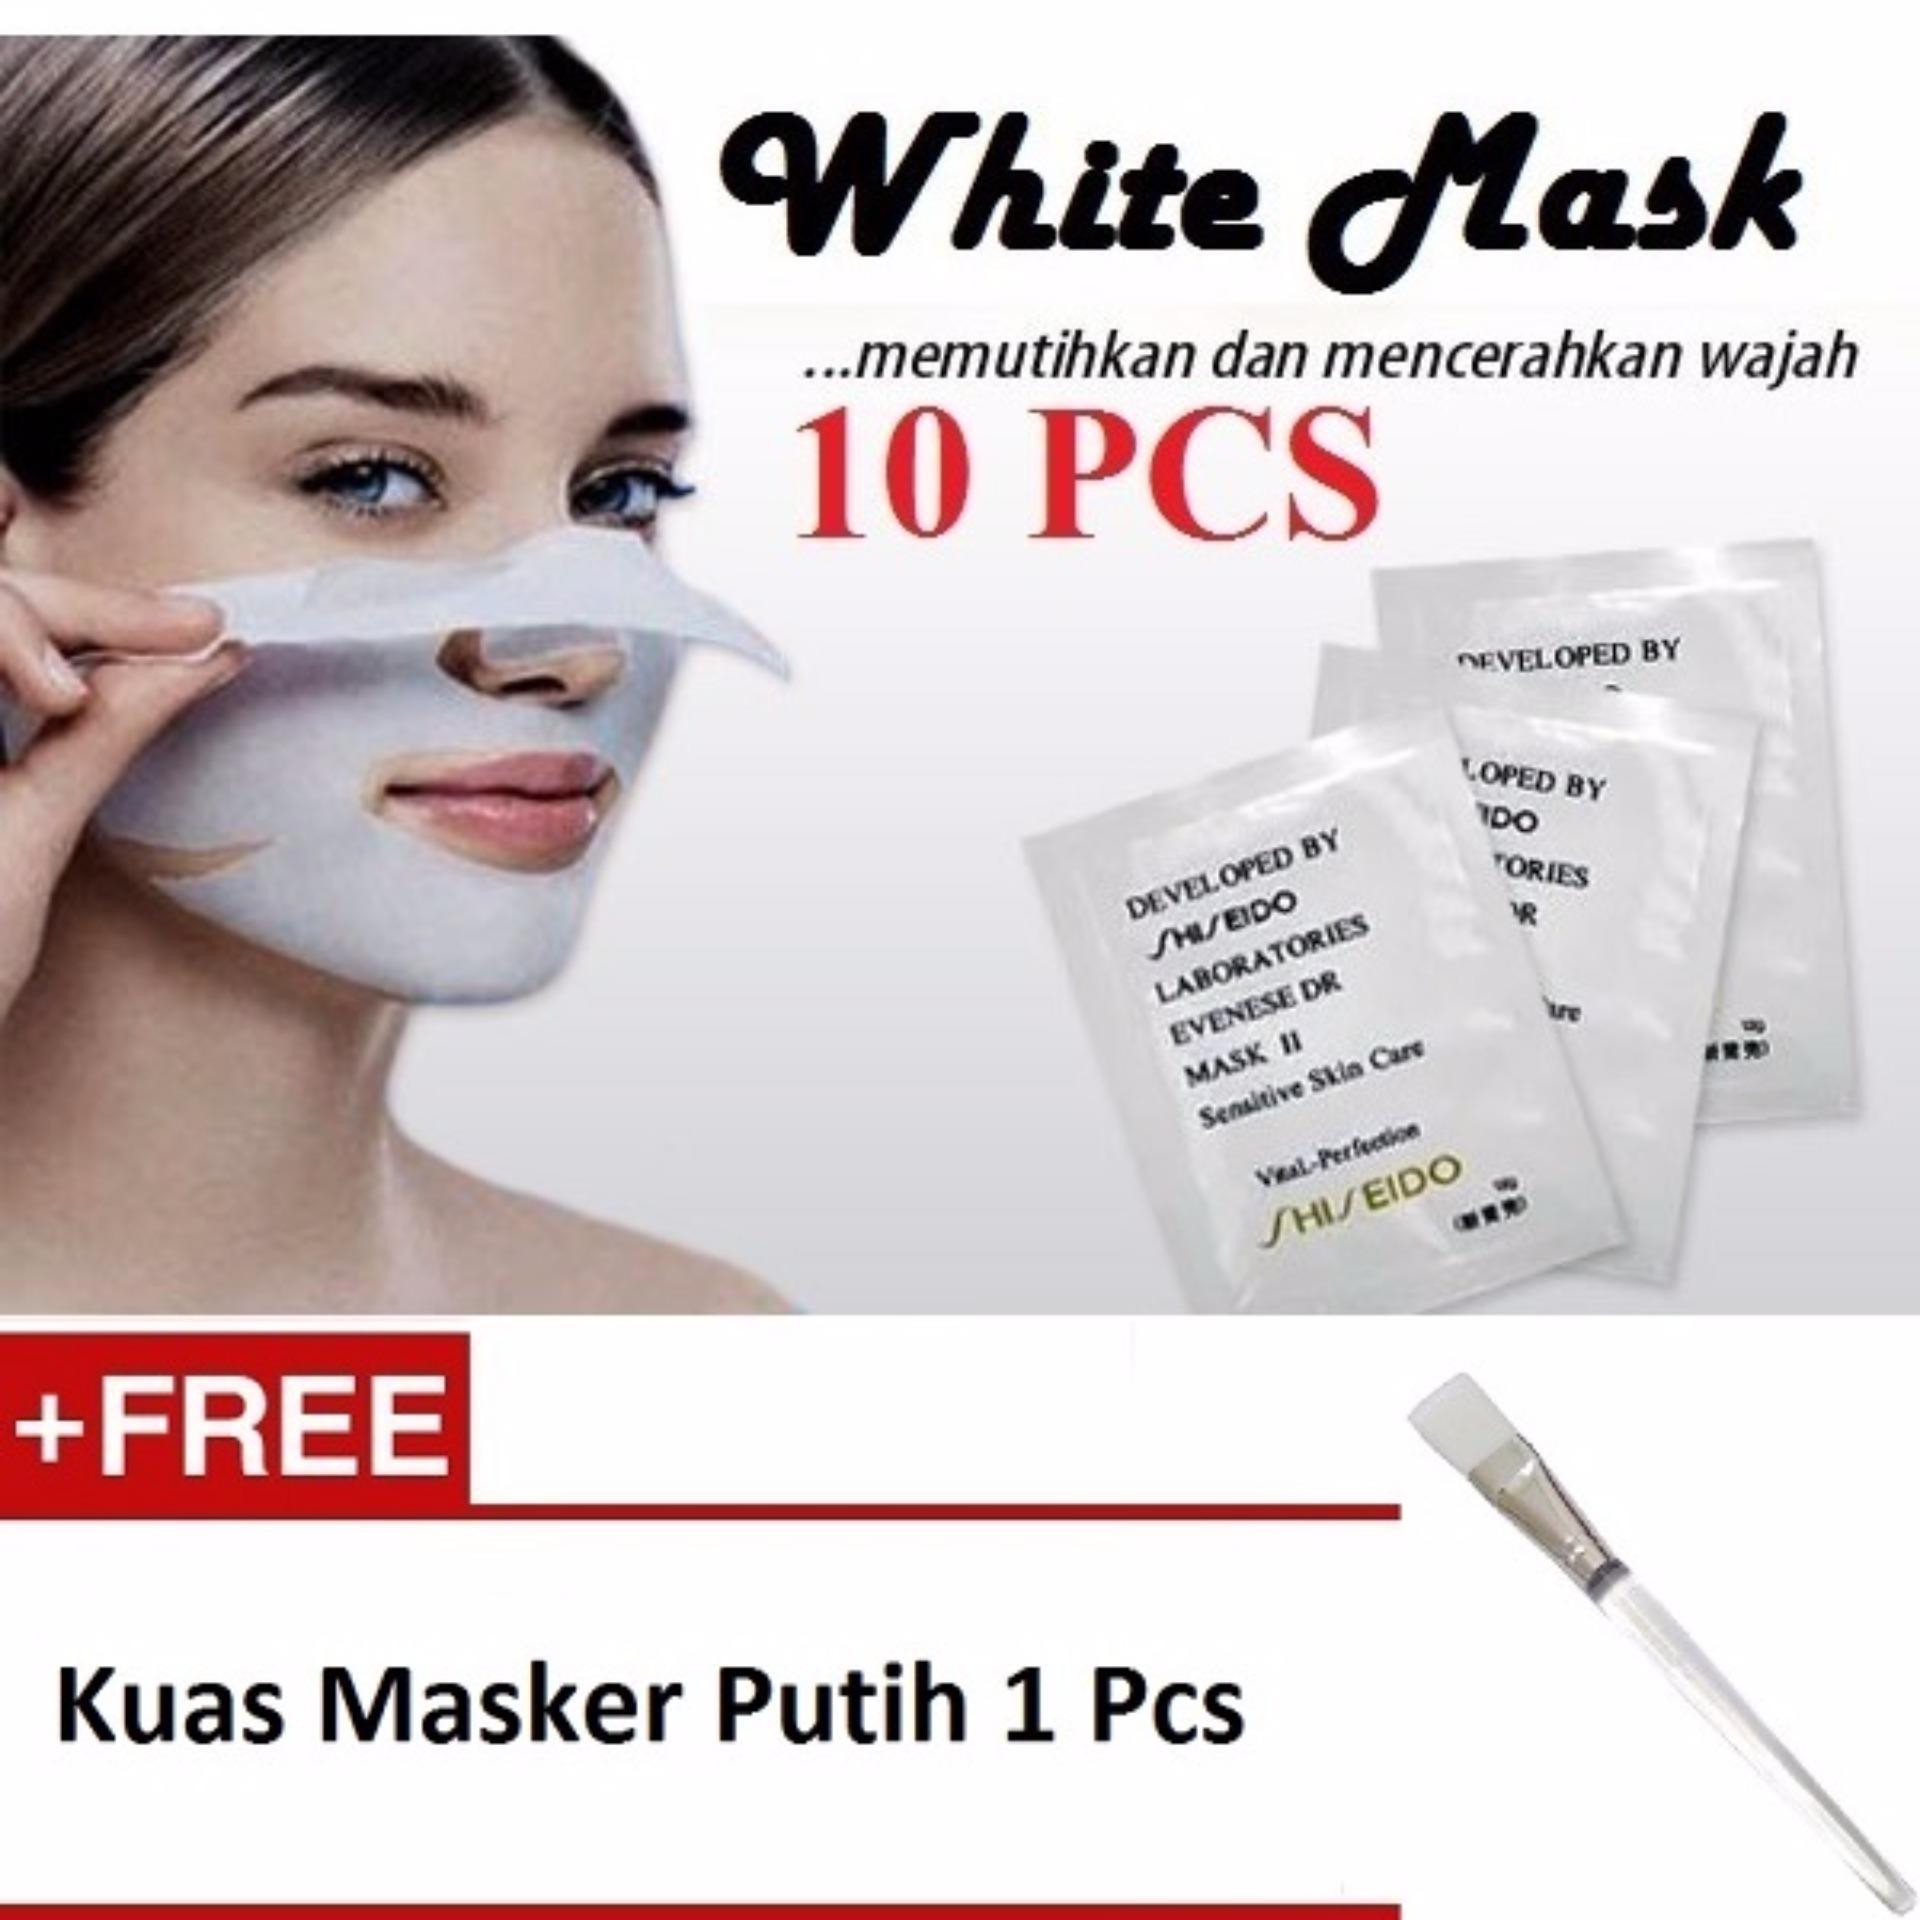 Perbandingan Harga White Mask Masker Pengangkat Komedo 10 Pcs Kuas Wajah Gratis Putih 1